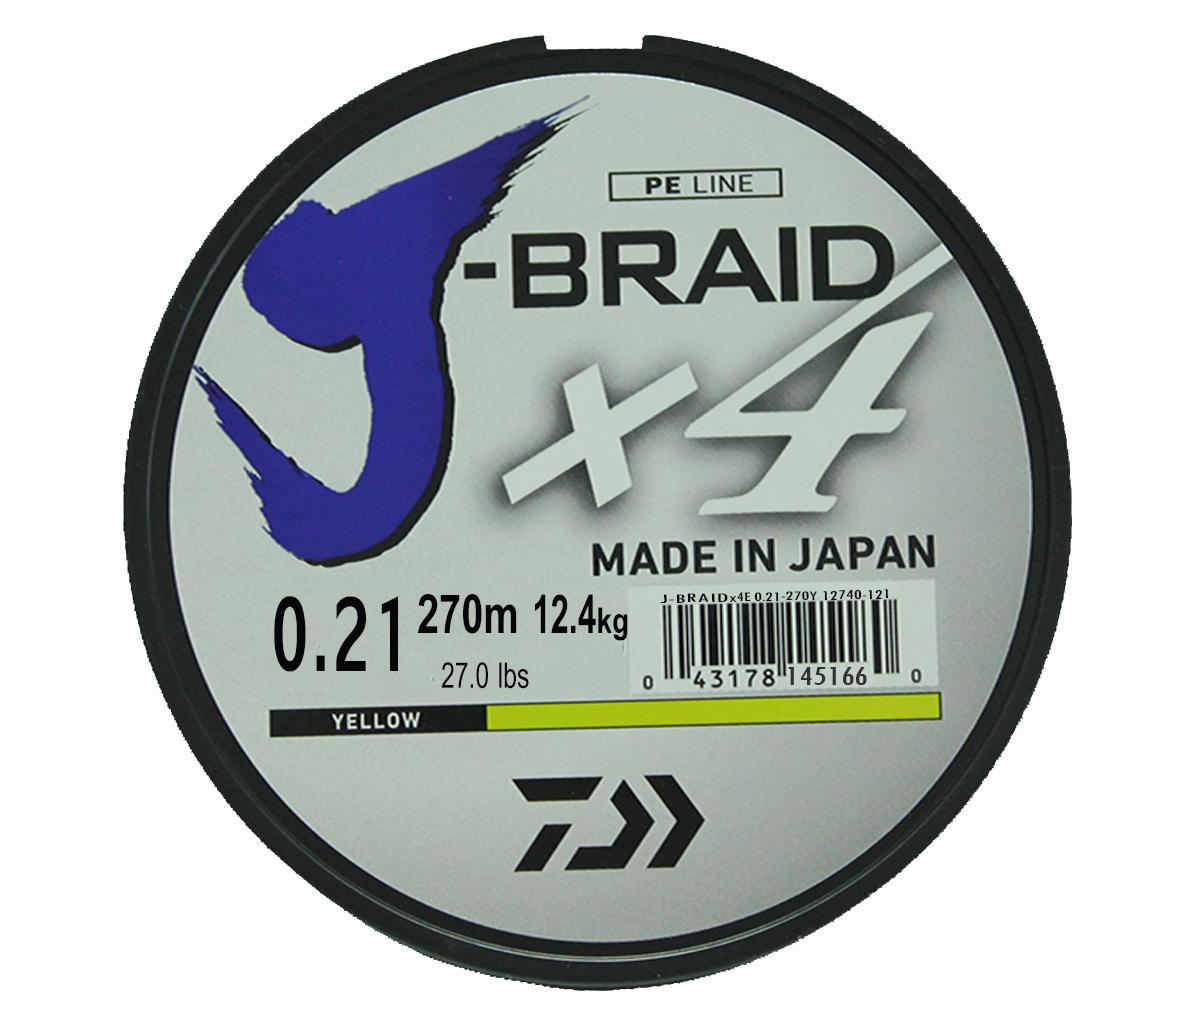 Леска плетеная DAIWA J-Braid X4 0,21мм 270 (флуор.-желтая)Леска плетеная<br>Новый 4х жильный шнур J-Braid, DAIWA - шнур высокого <br>класса с удивительным соотношением цены <br>и качества. Качество плетения полностью <br>соответствует японским стандартам и удовлетворяет <br>всем требованиям. Представленные диаметры <br>позволяют использовать шнур для всех техник <br>ловли, начиная от ultra- light ловли окуня, до <br>морской ловли палтуса, трески и т.д.<br>